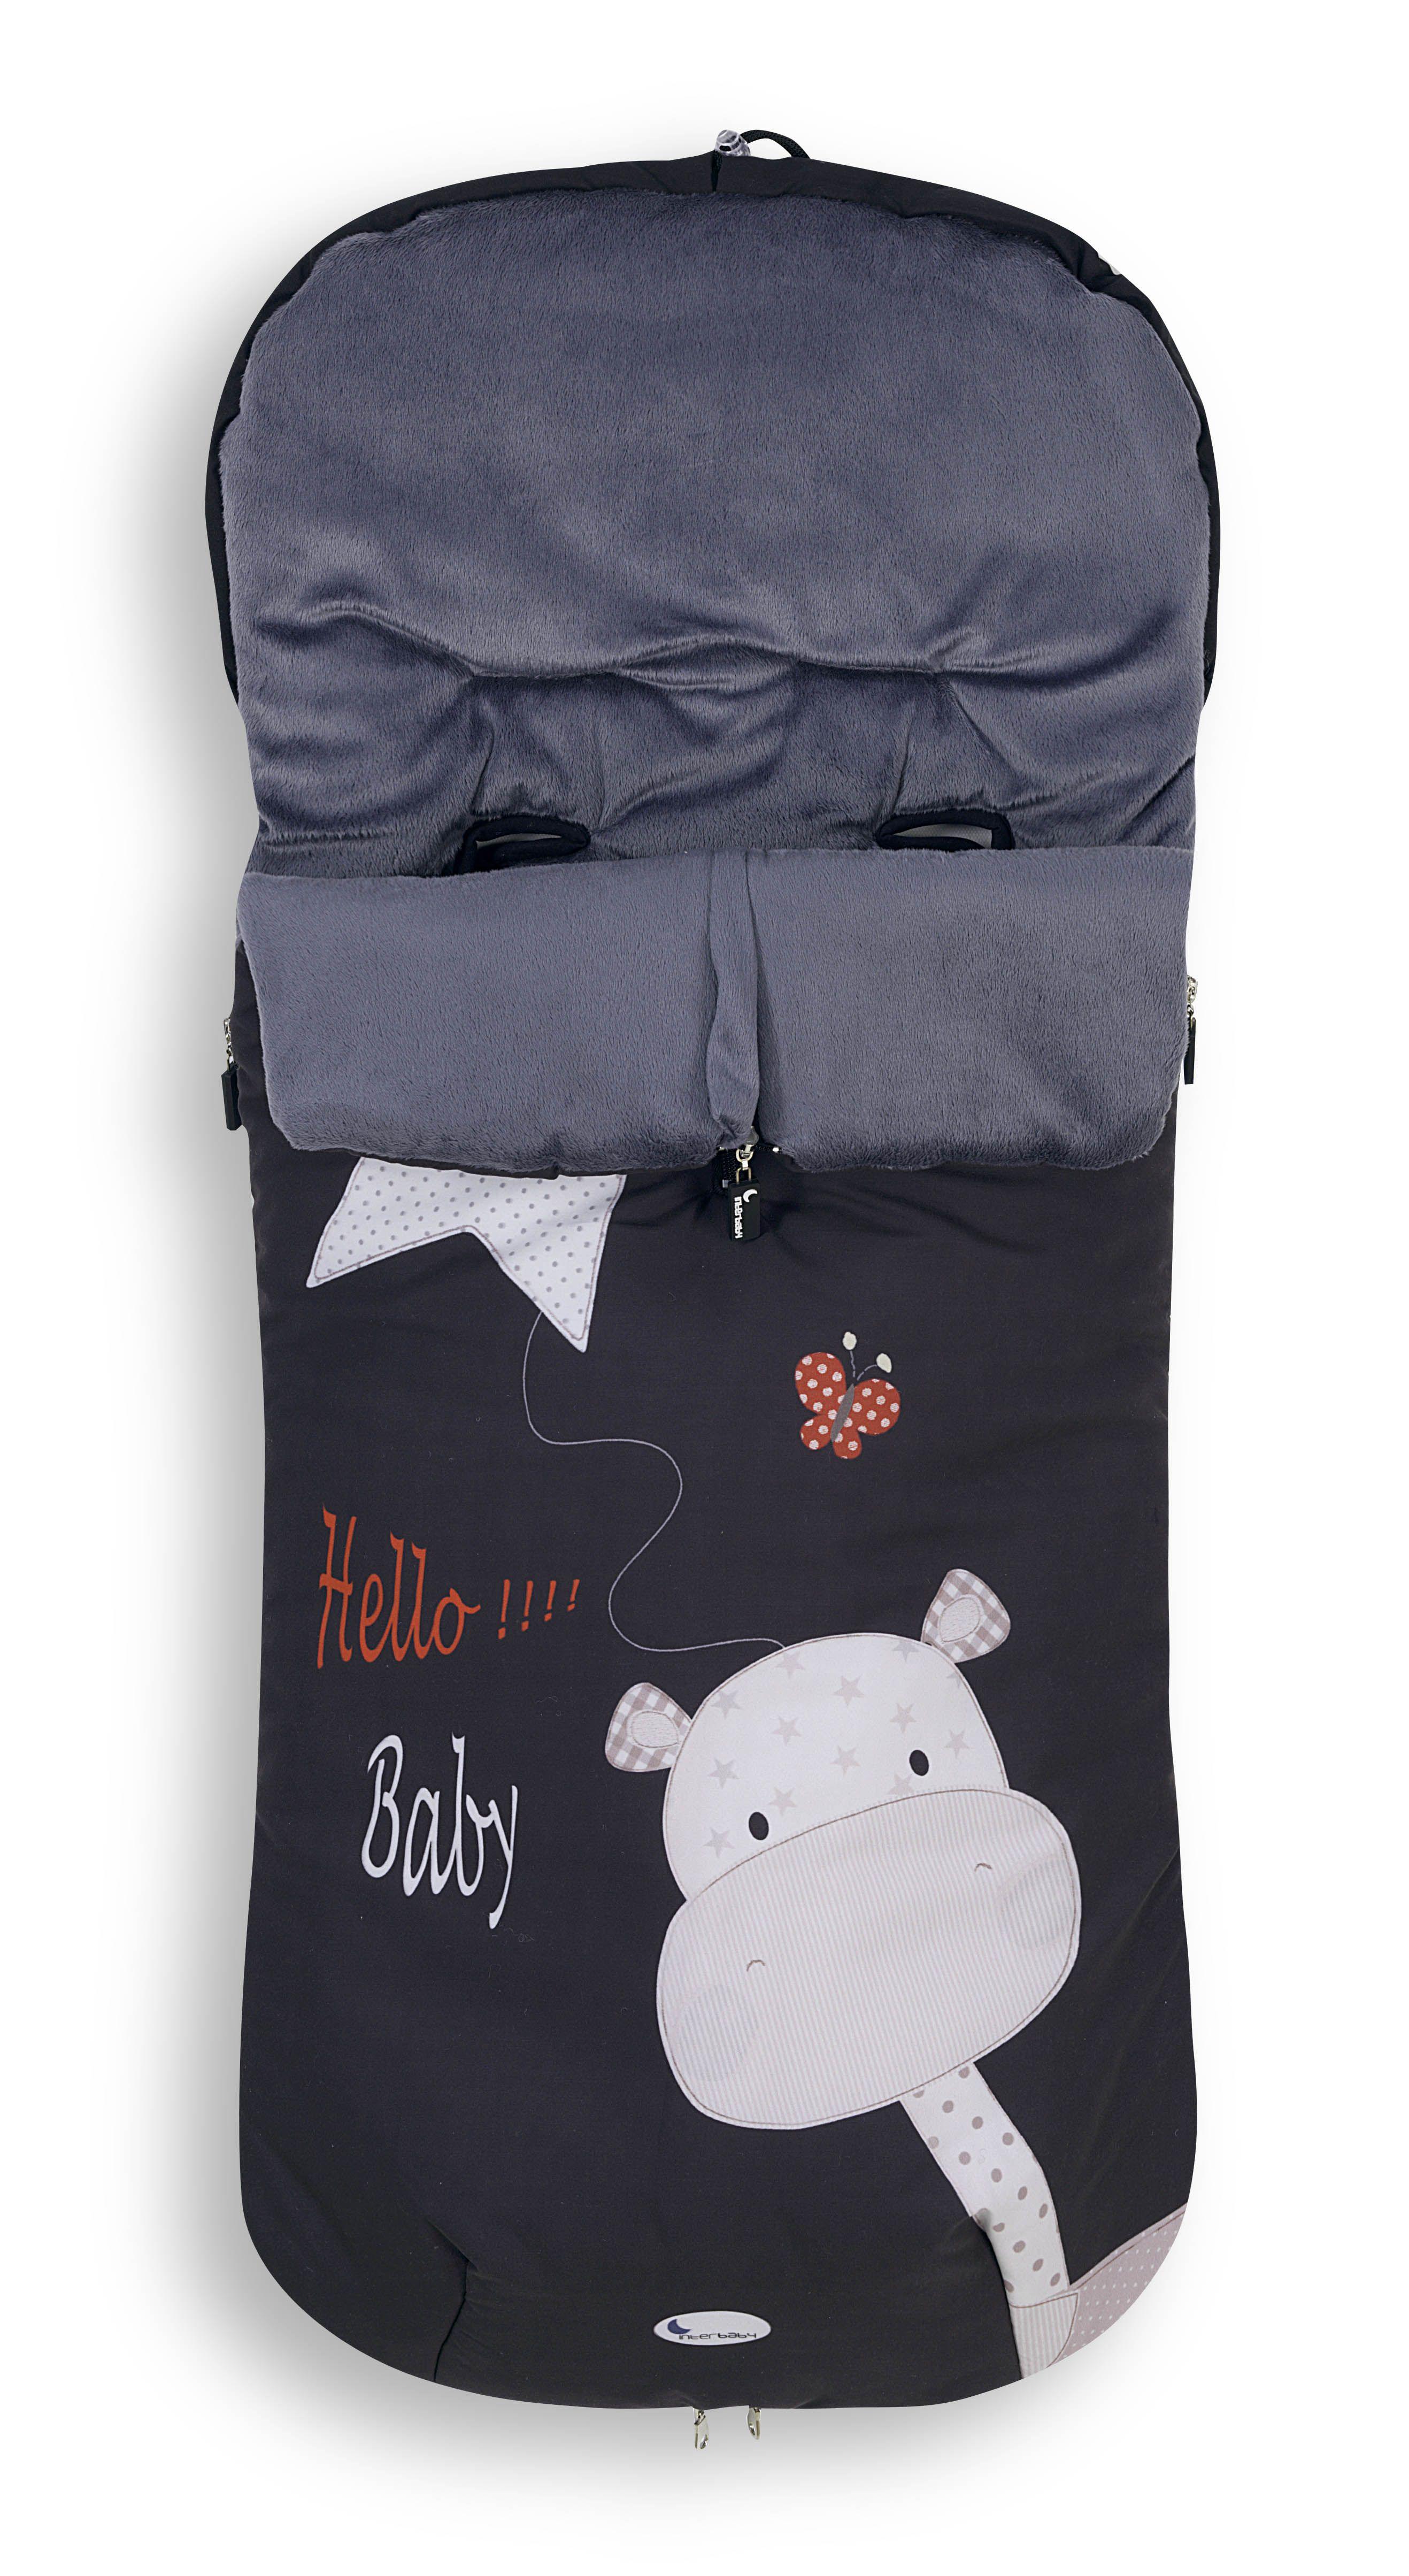 Saco Hello Baby en color negro para sillas y carros de paseo